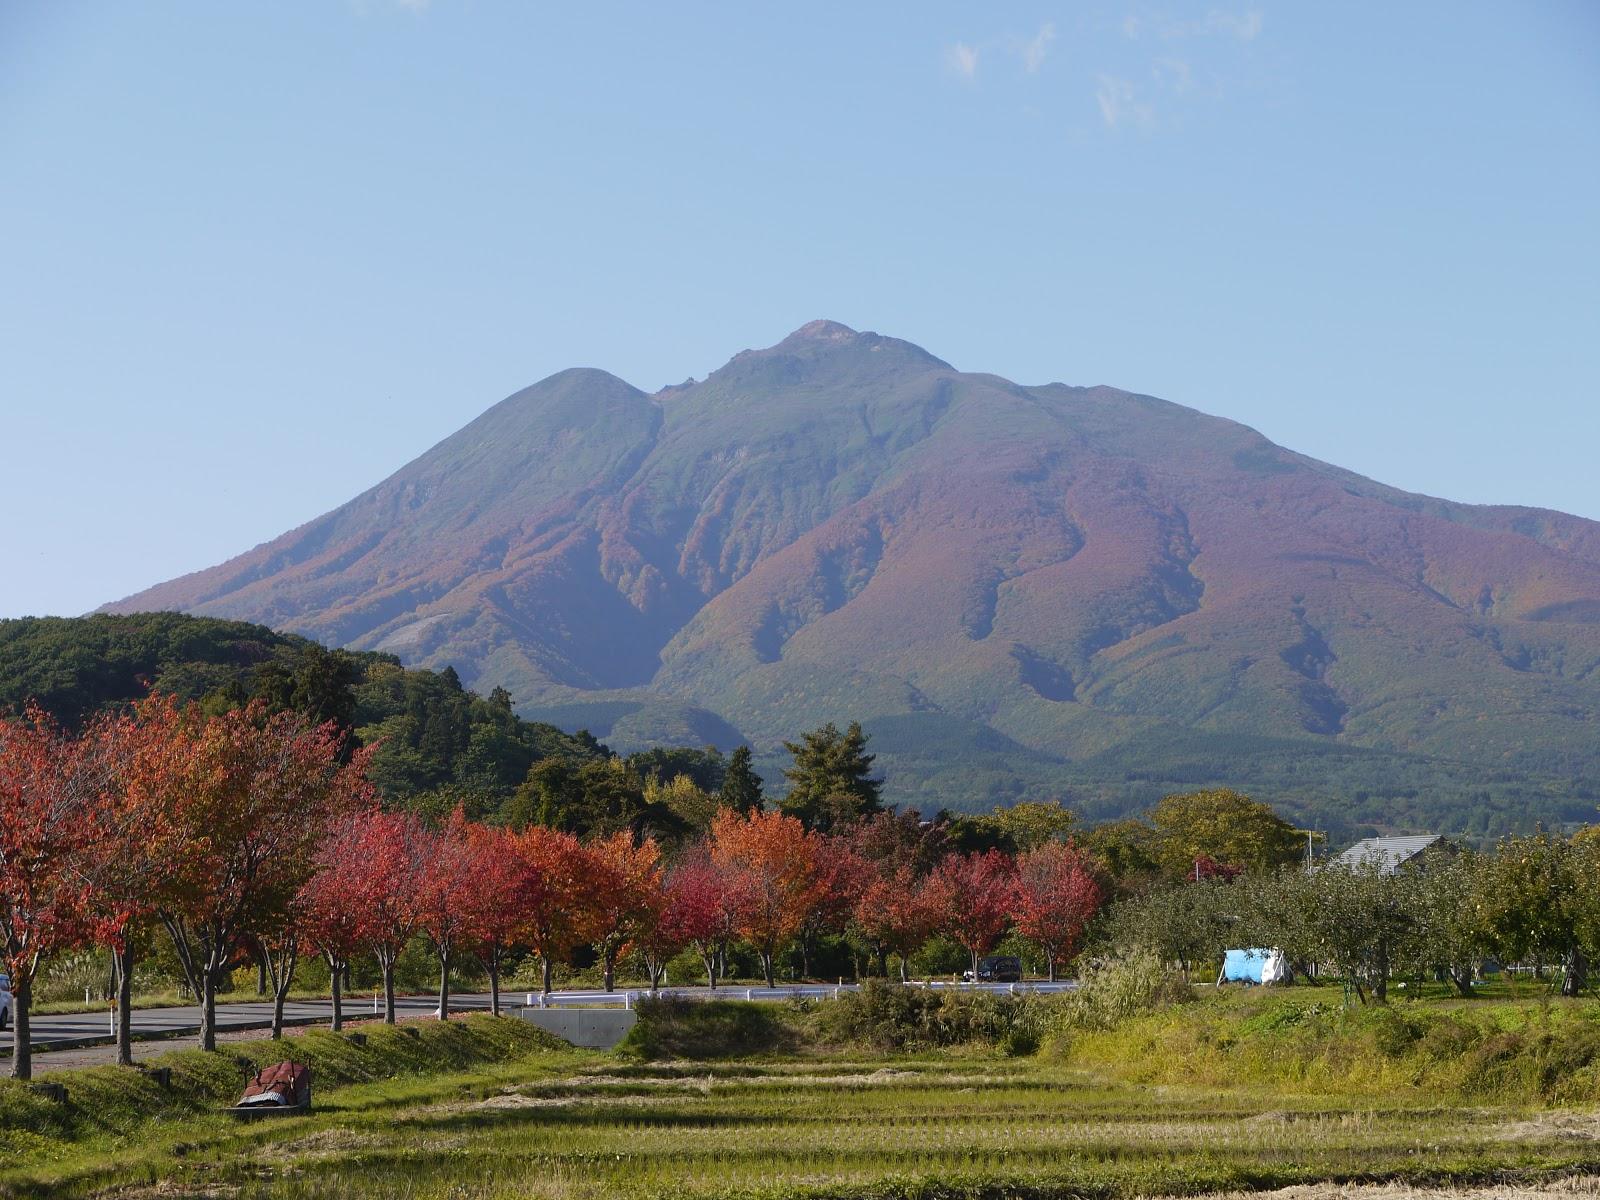 天気 岩木 山 岩木山登山 岩木山観光協会 山で動く。山が動く。岩木山観光協会公式ウェブサイト